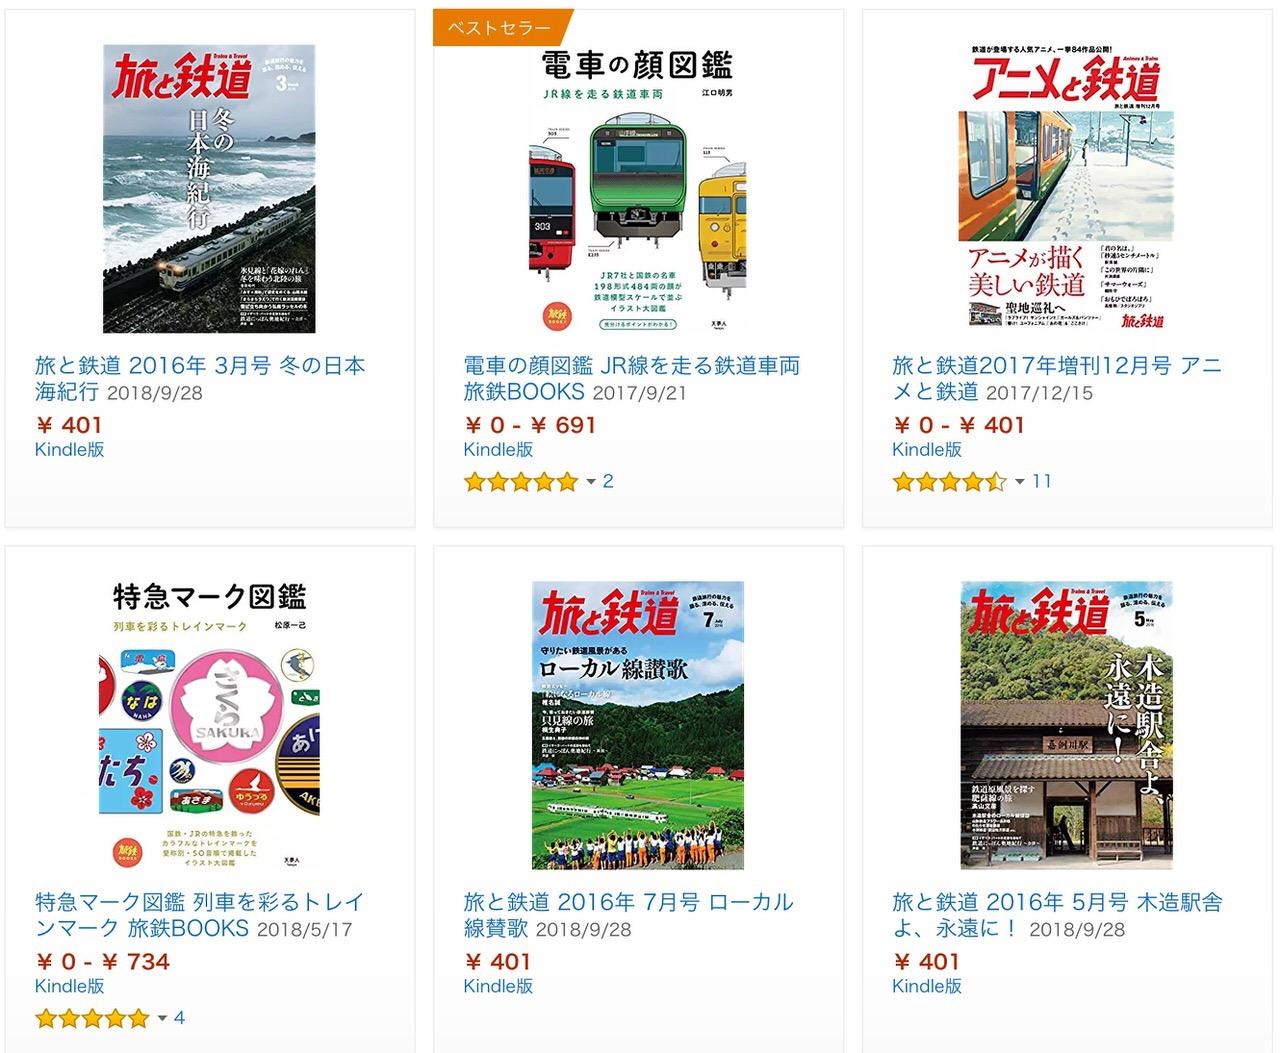 【Kindleセール】50%OFF「鉄道の日記念 鉄道本フェア」開催中(10/18まで)〜アニメと鉄道、電車の顔図鑑など